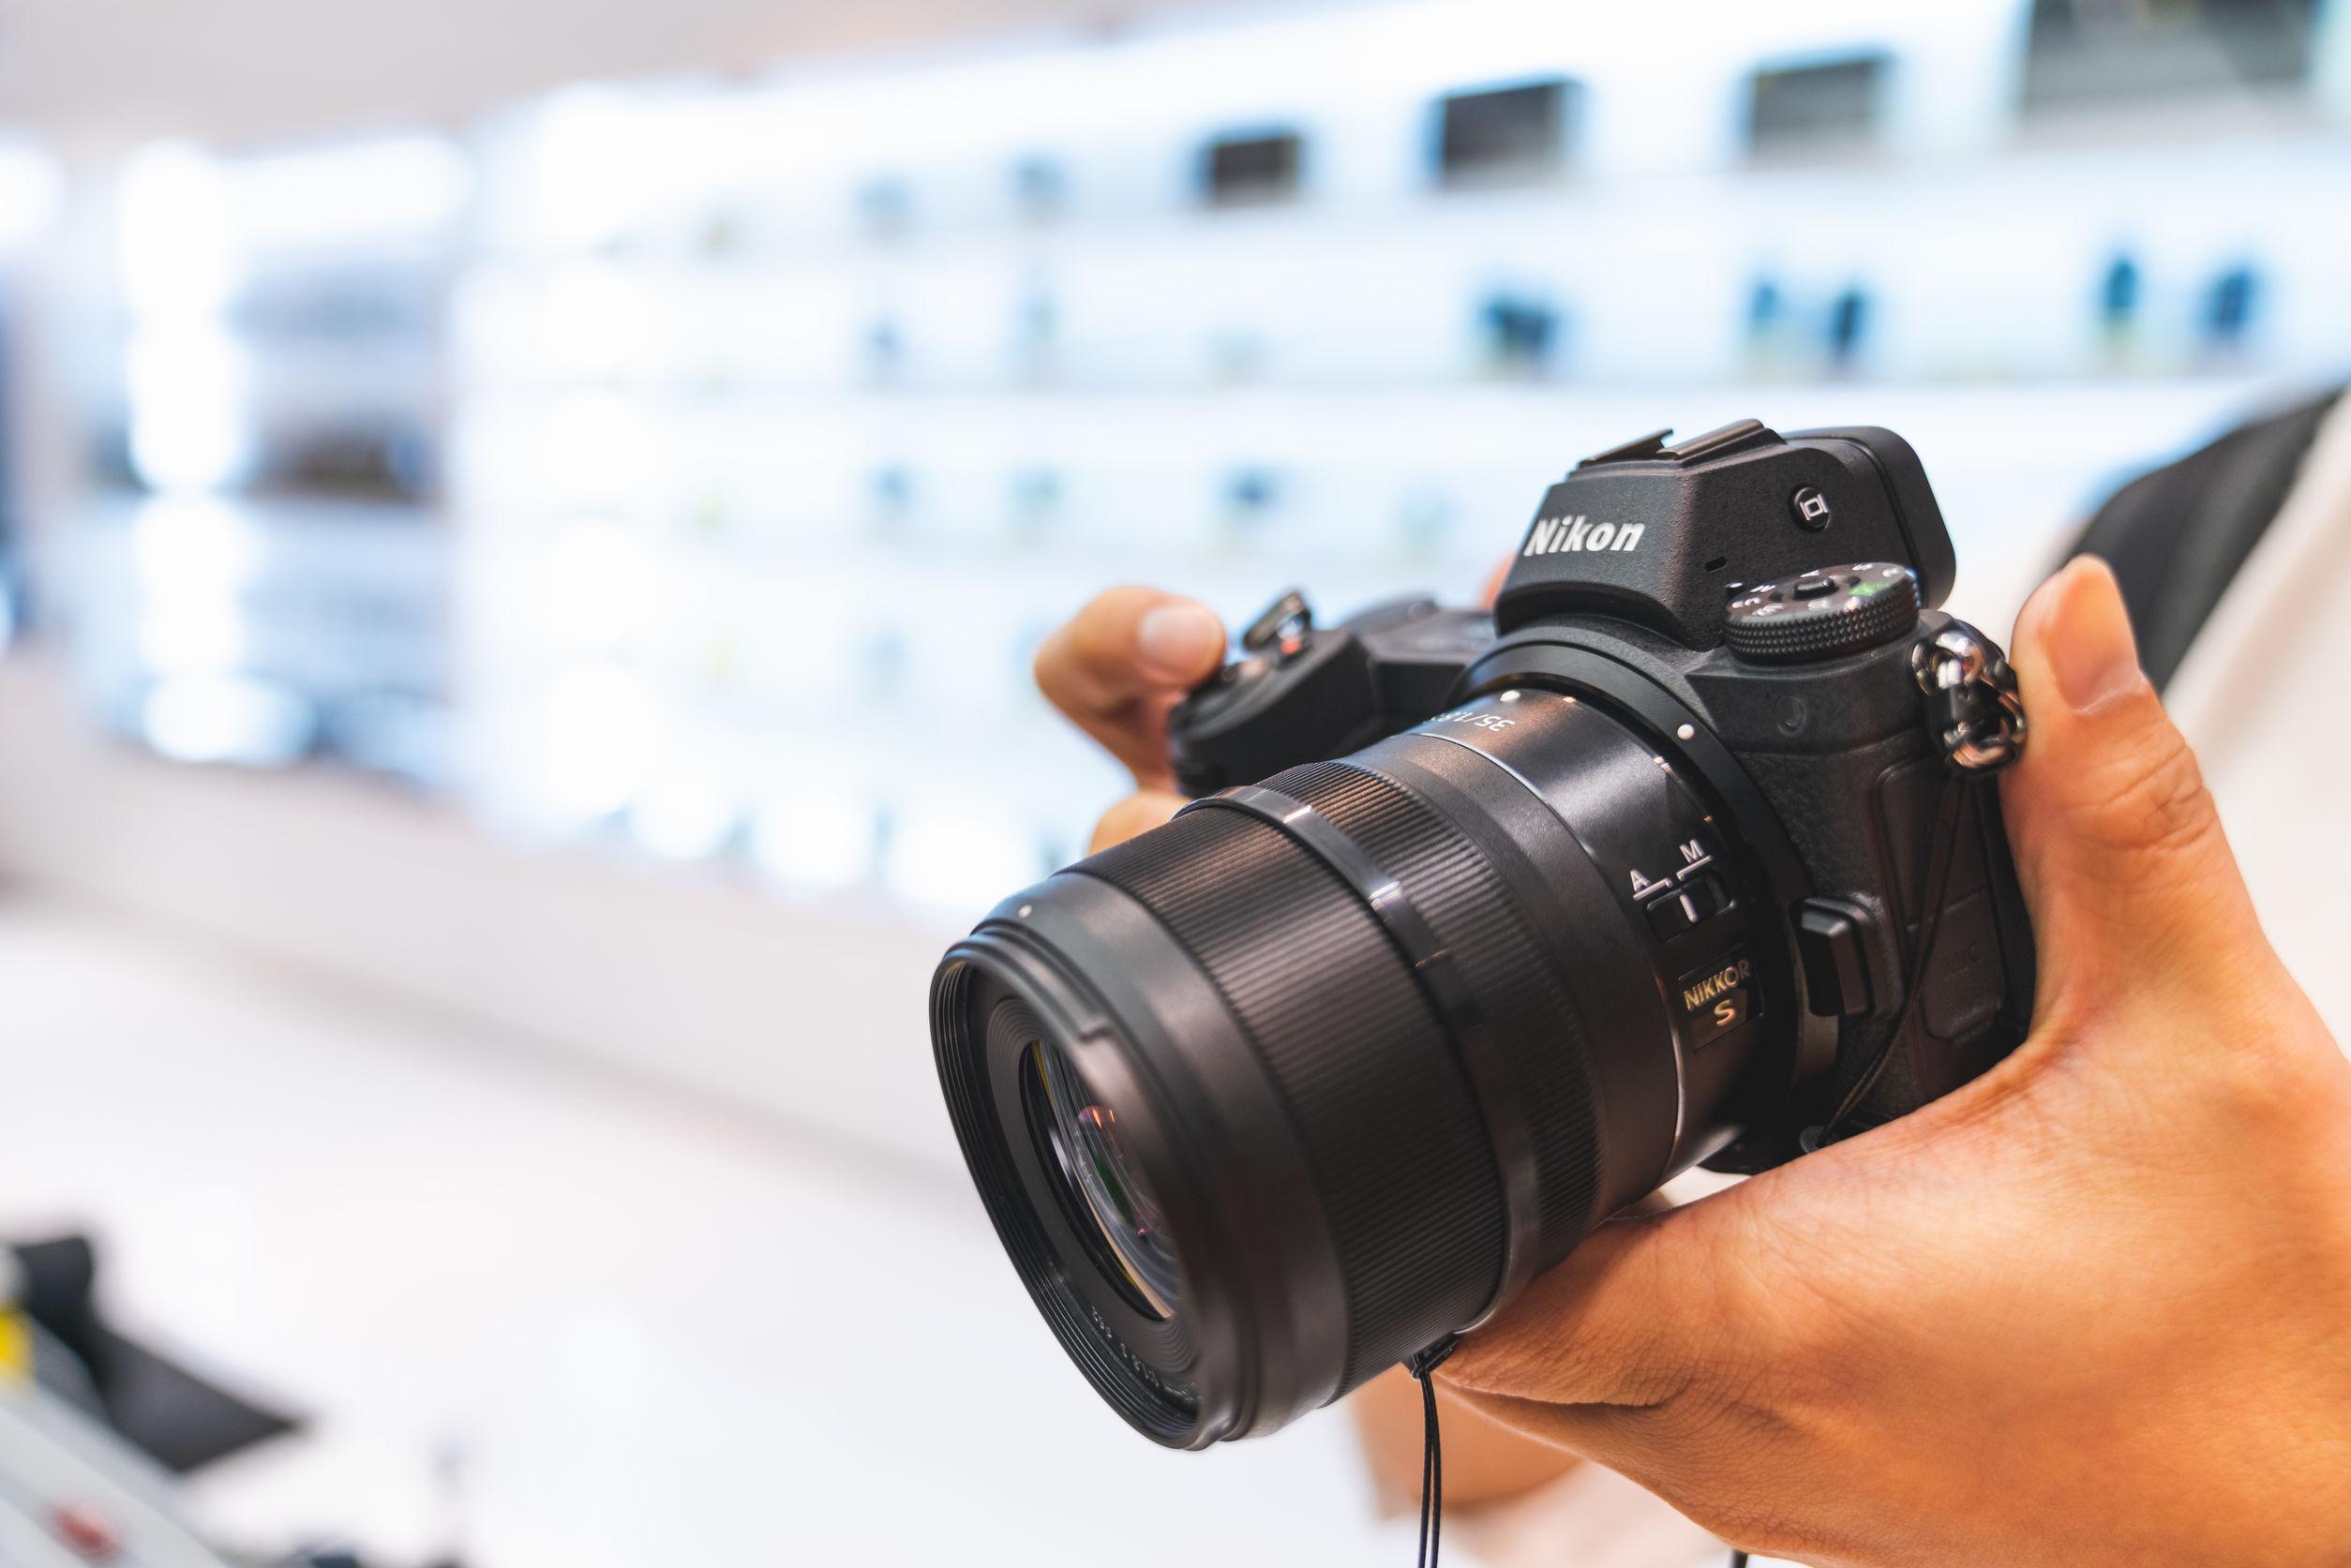 Nikon Spiegelreflexkamera: Test & Empfehlungen (04/21)